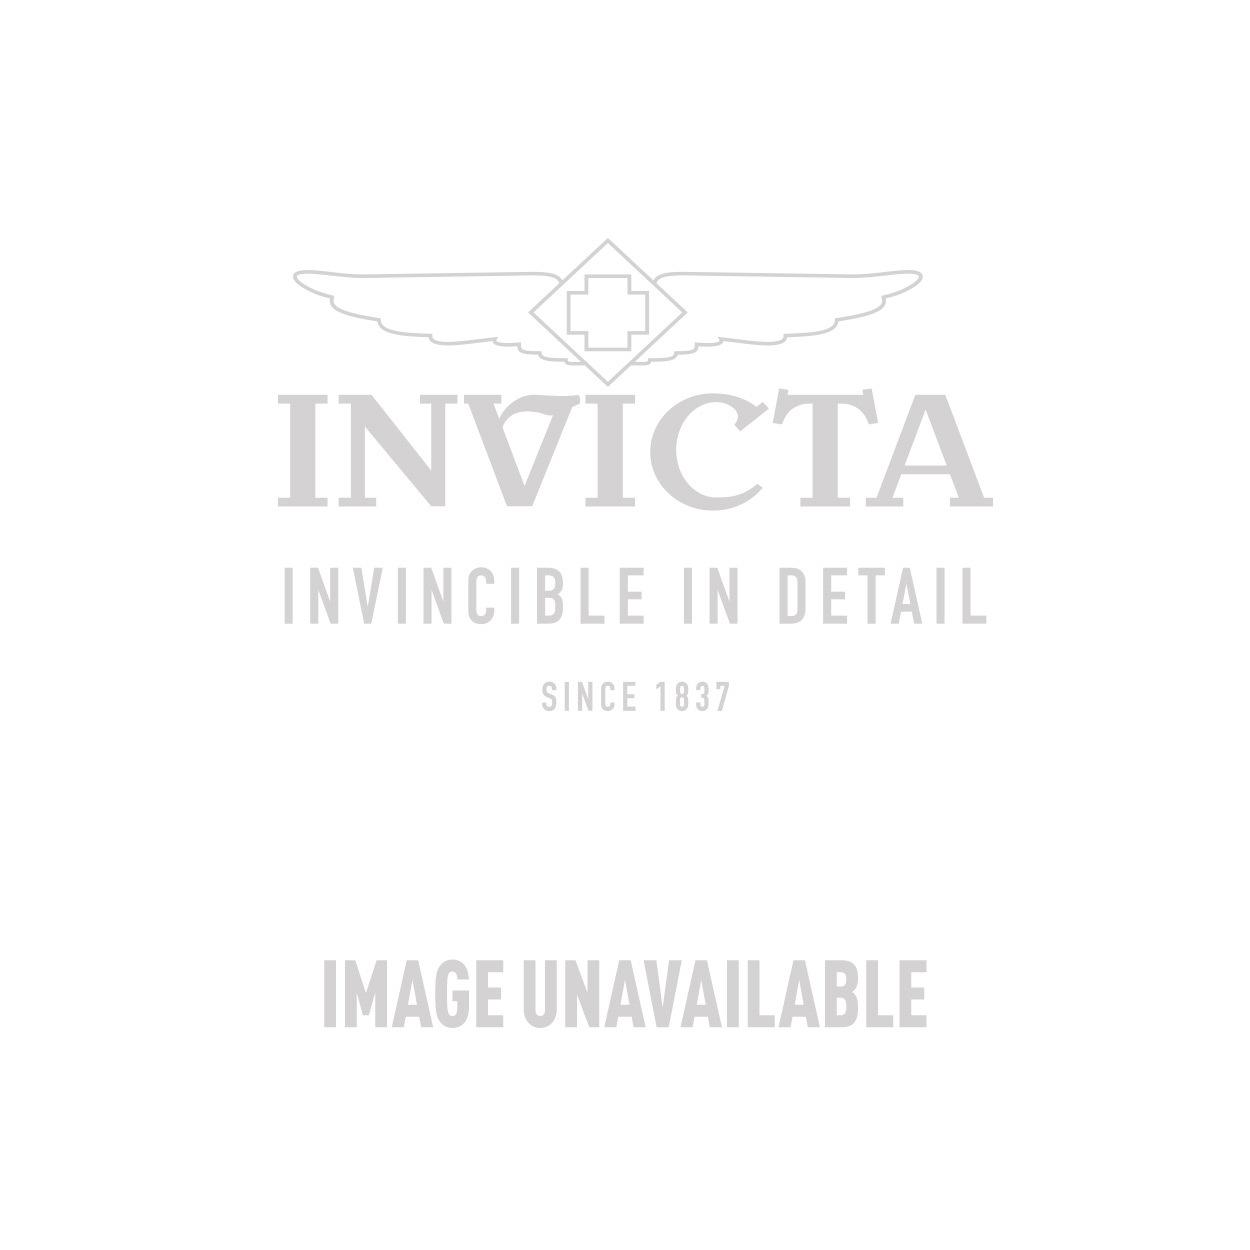 Invicta Model 25202